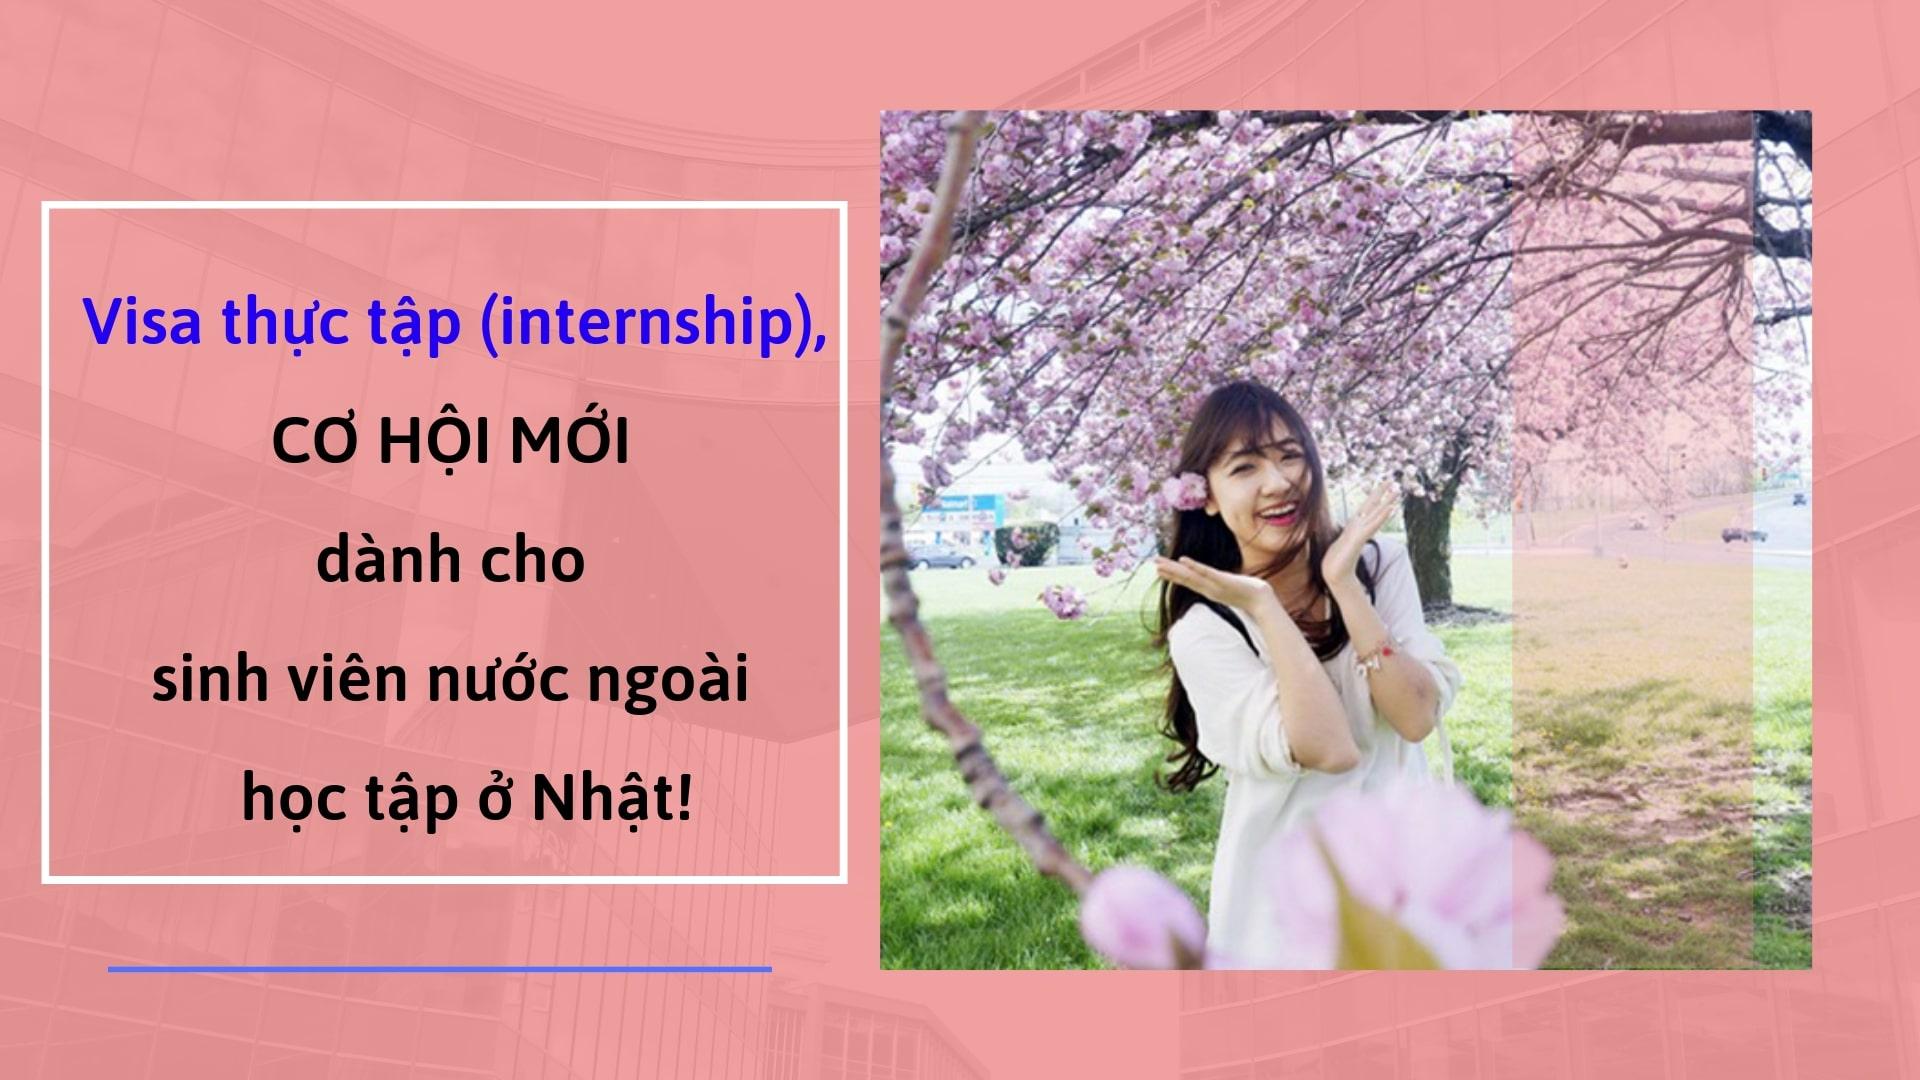 Visa thực tập(internship)